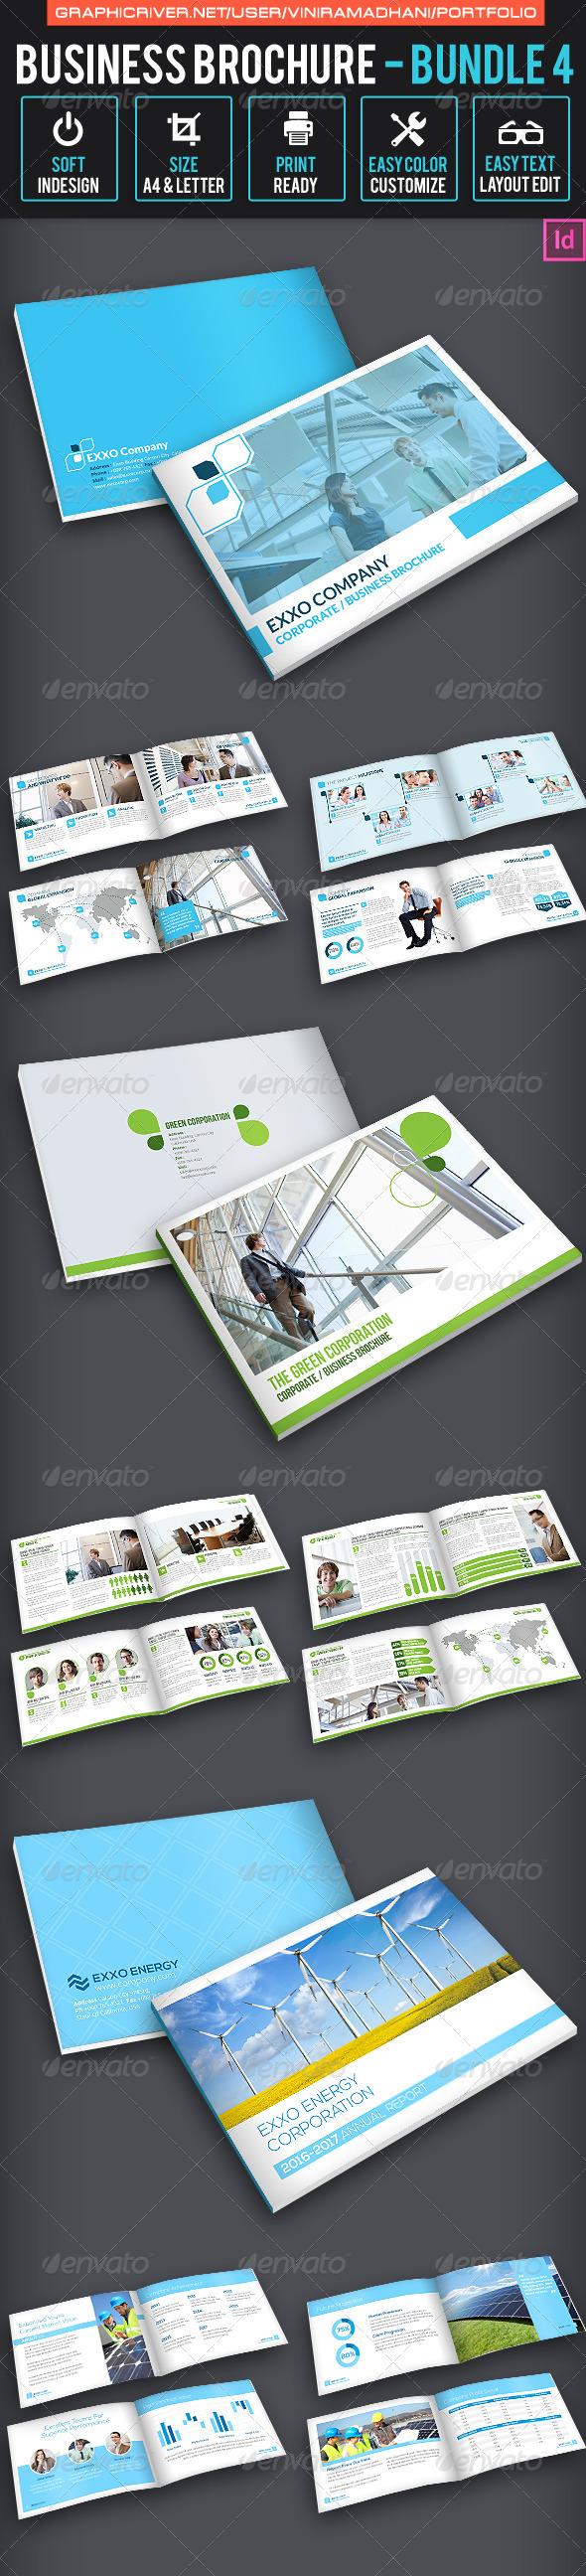 Business Brochure Bundle 4 - Corporate Brochures